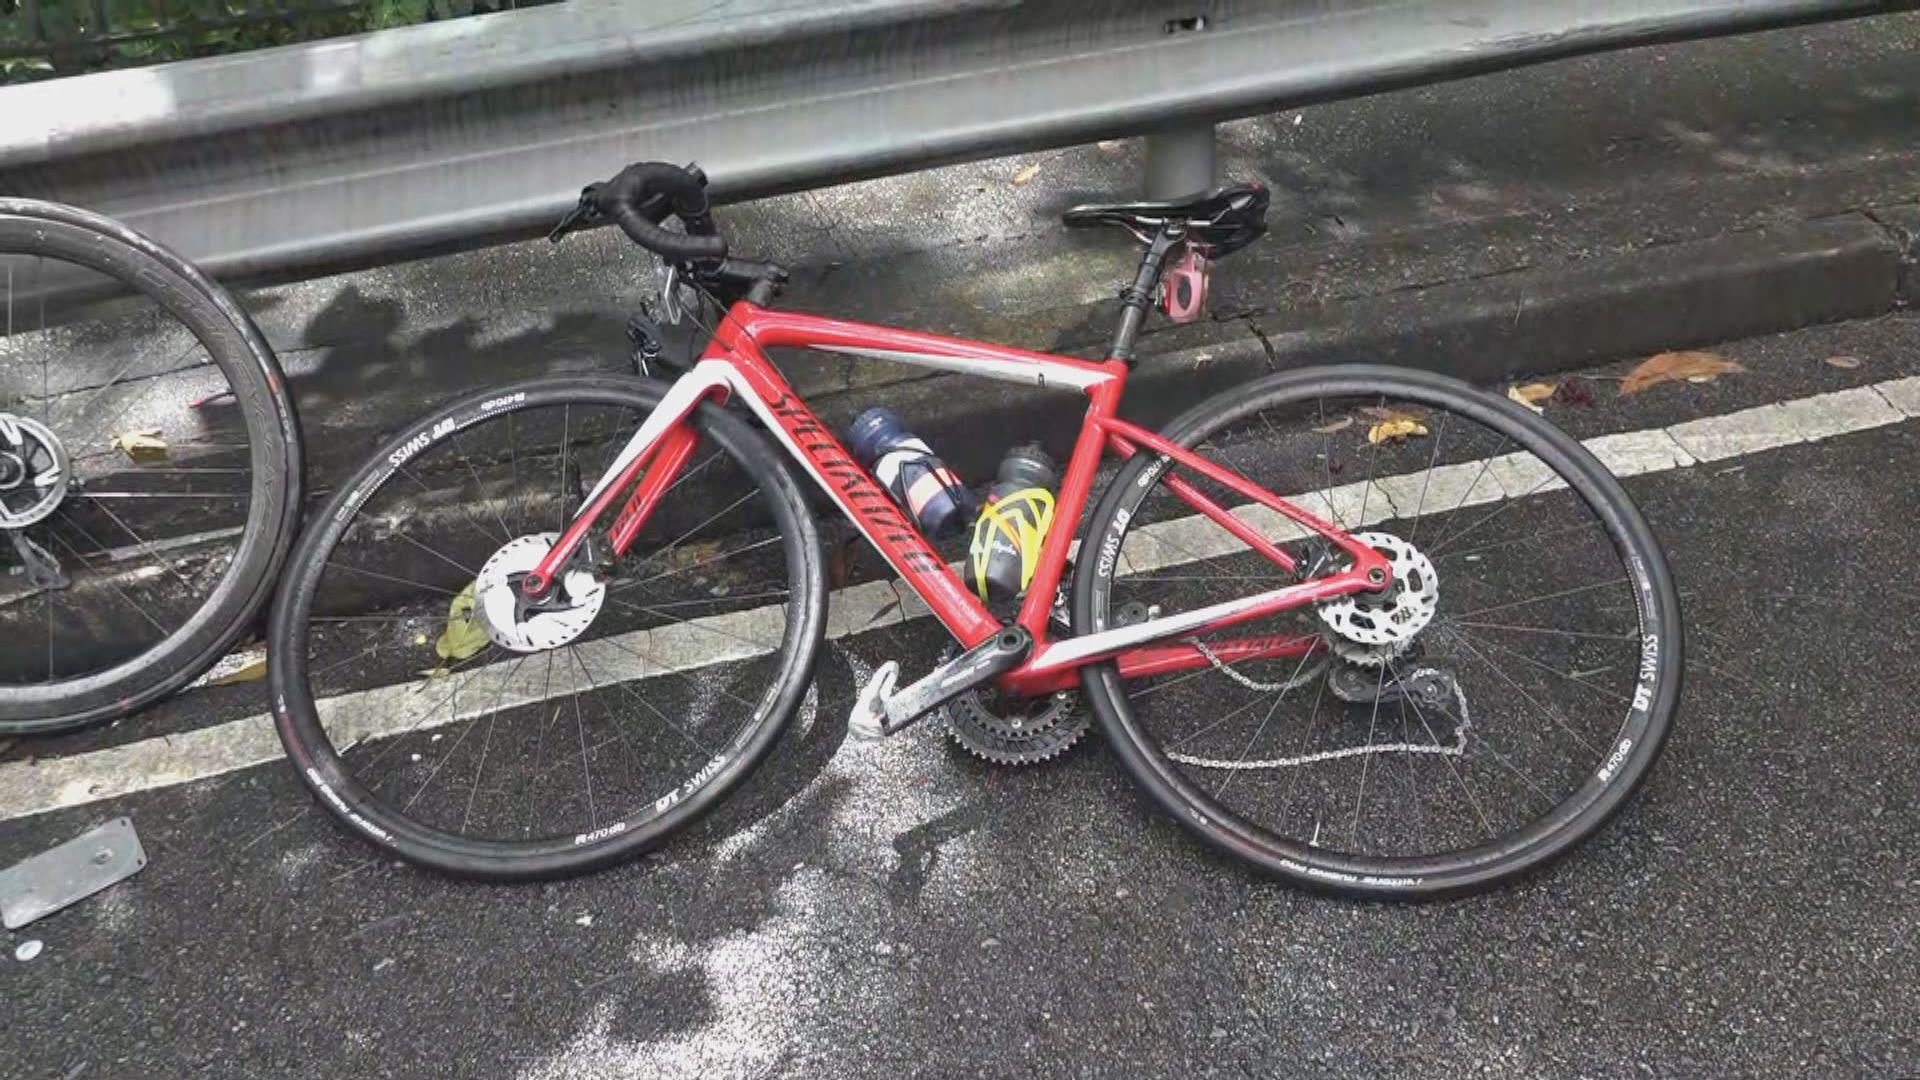 荃灣有旅遊巴與單車相撞 踏單車男子死亡